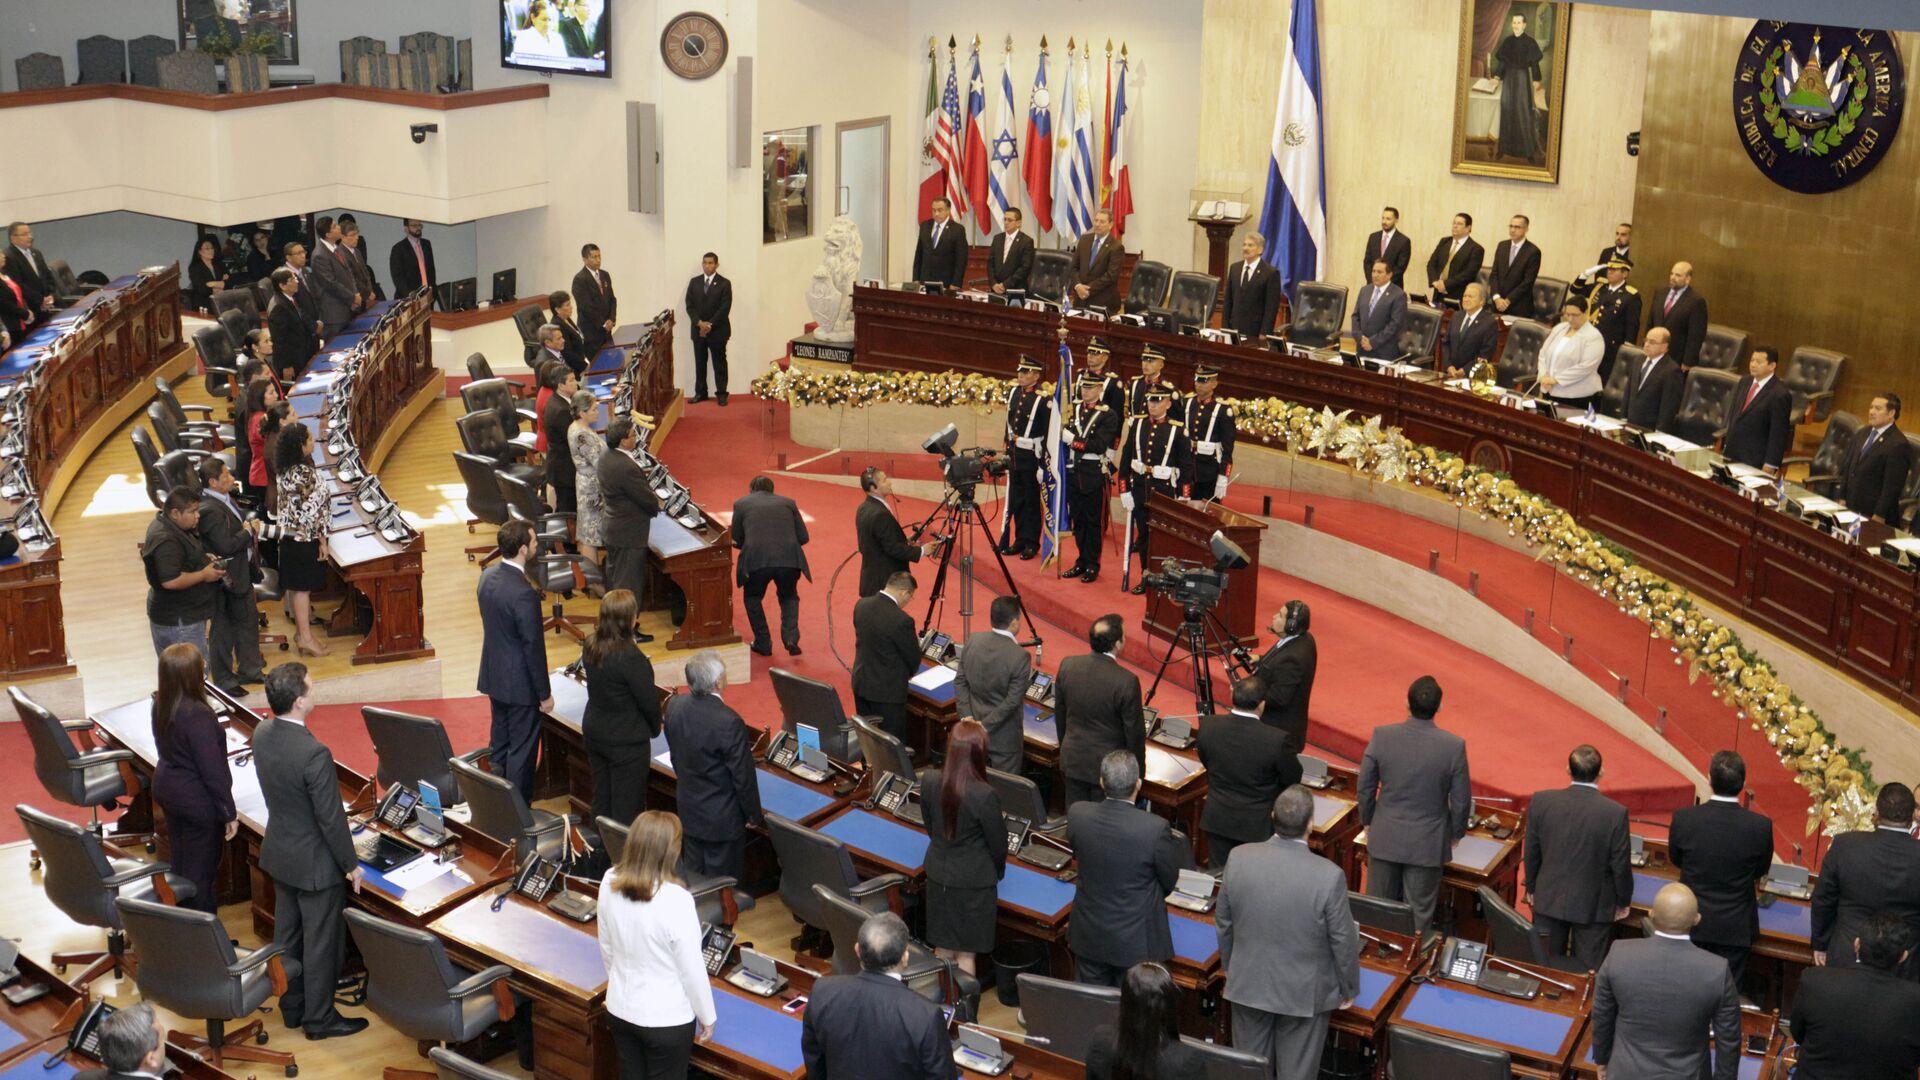 Salón de sesiones de la Asamblea Legislativa (parlamento) de El Salvador (Archivo) - Sputnik Mundo, 1920, 12.03.2021